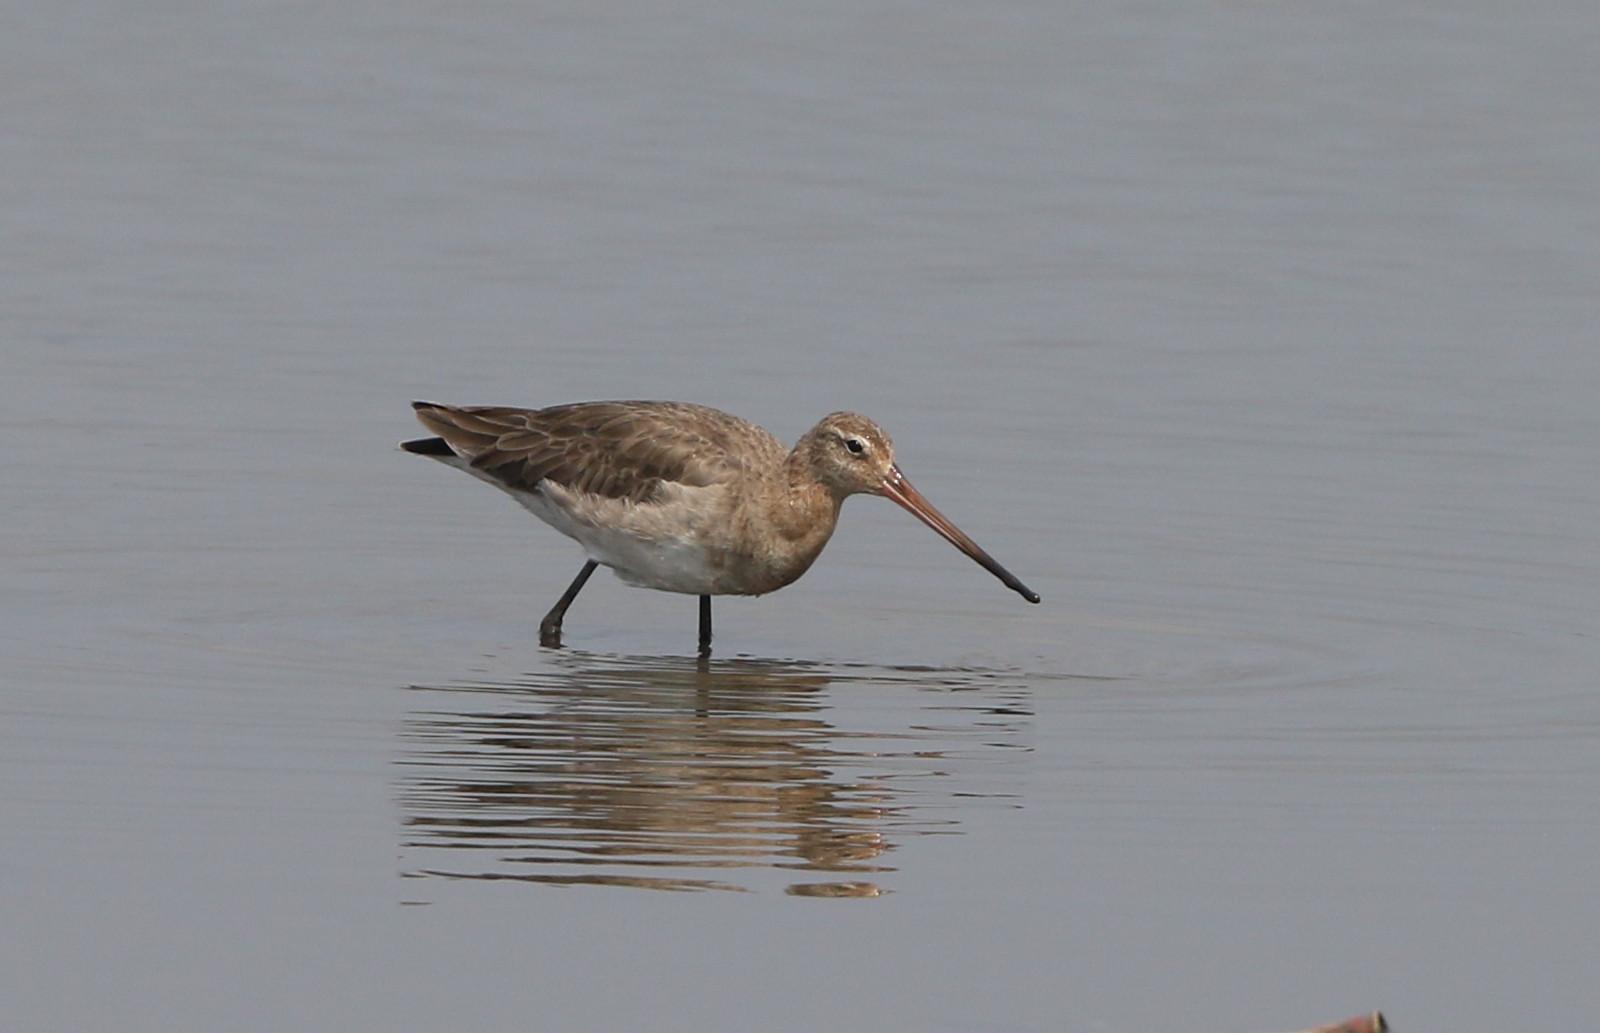 MFの沼でオグロシギを撮る_f0239515_2147319.jpg